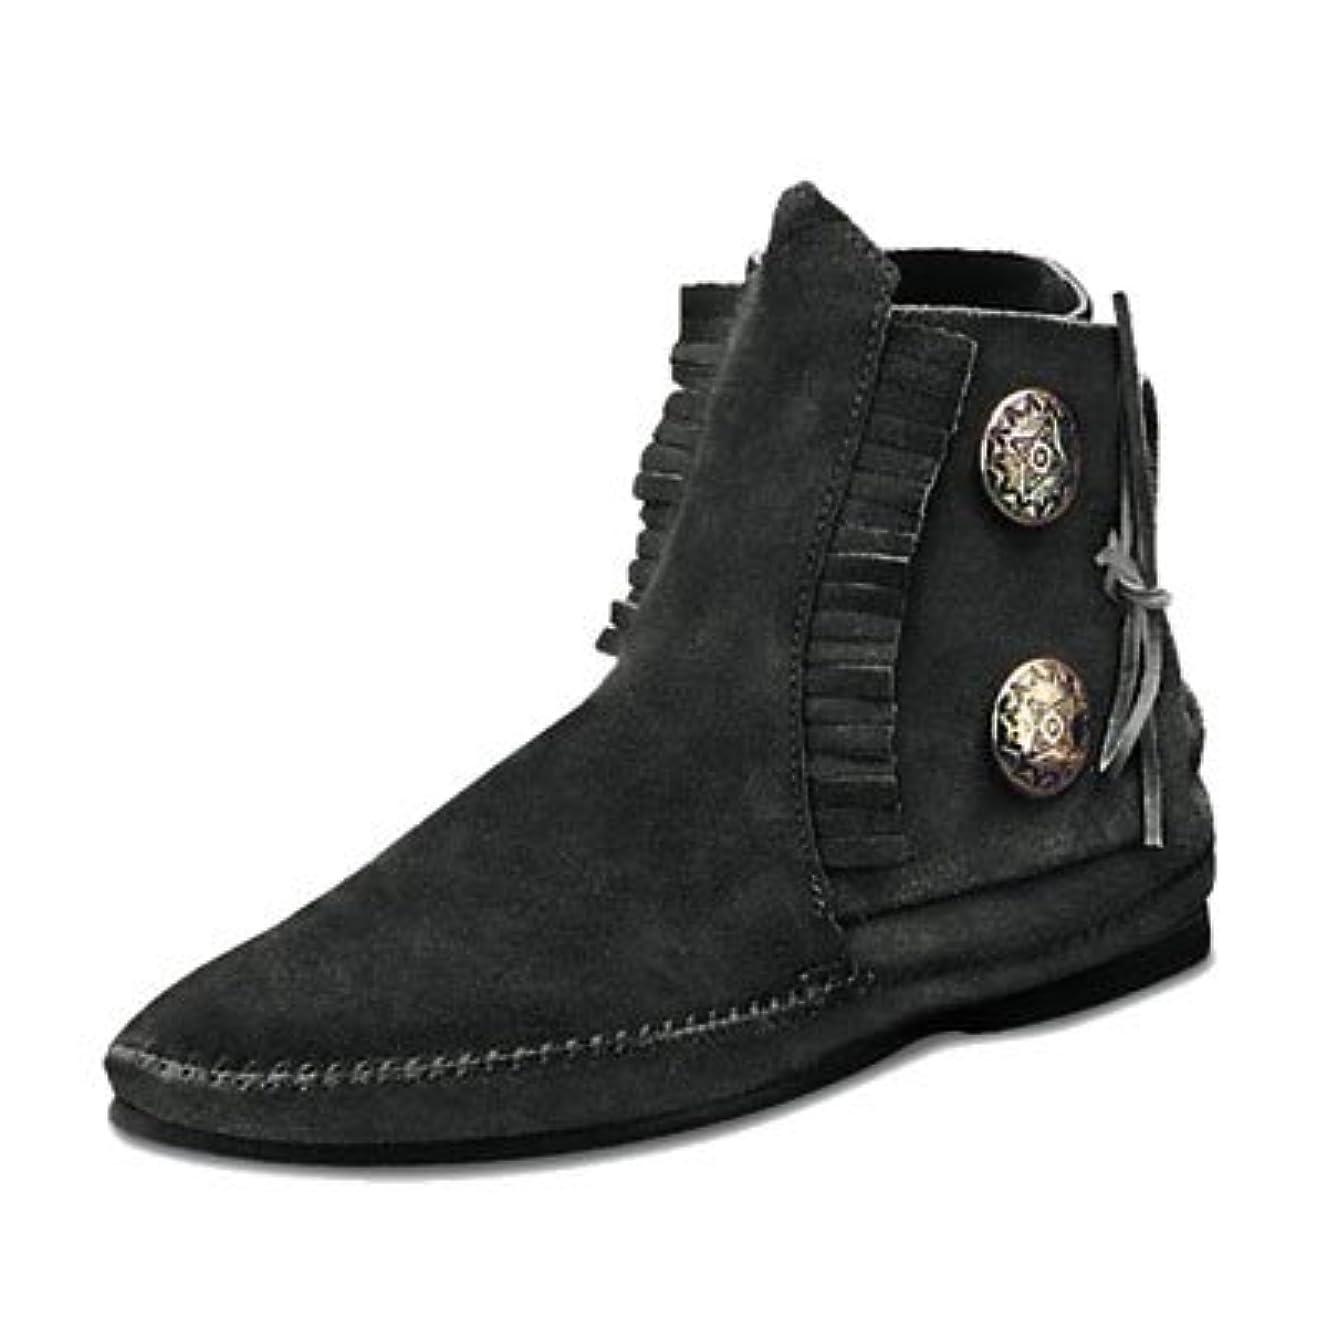 ブリークまでダーツ[ミネトンカ]MINNETONKA two Button Boots スエード 2ボタン ショートブーツ 442 449 【正規品】